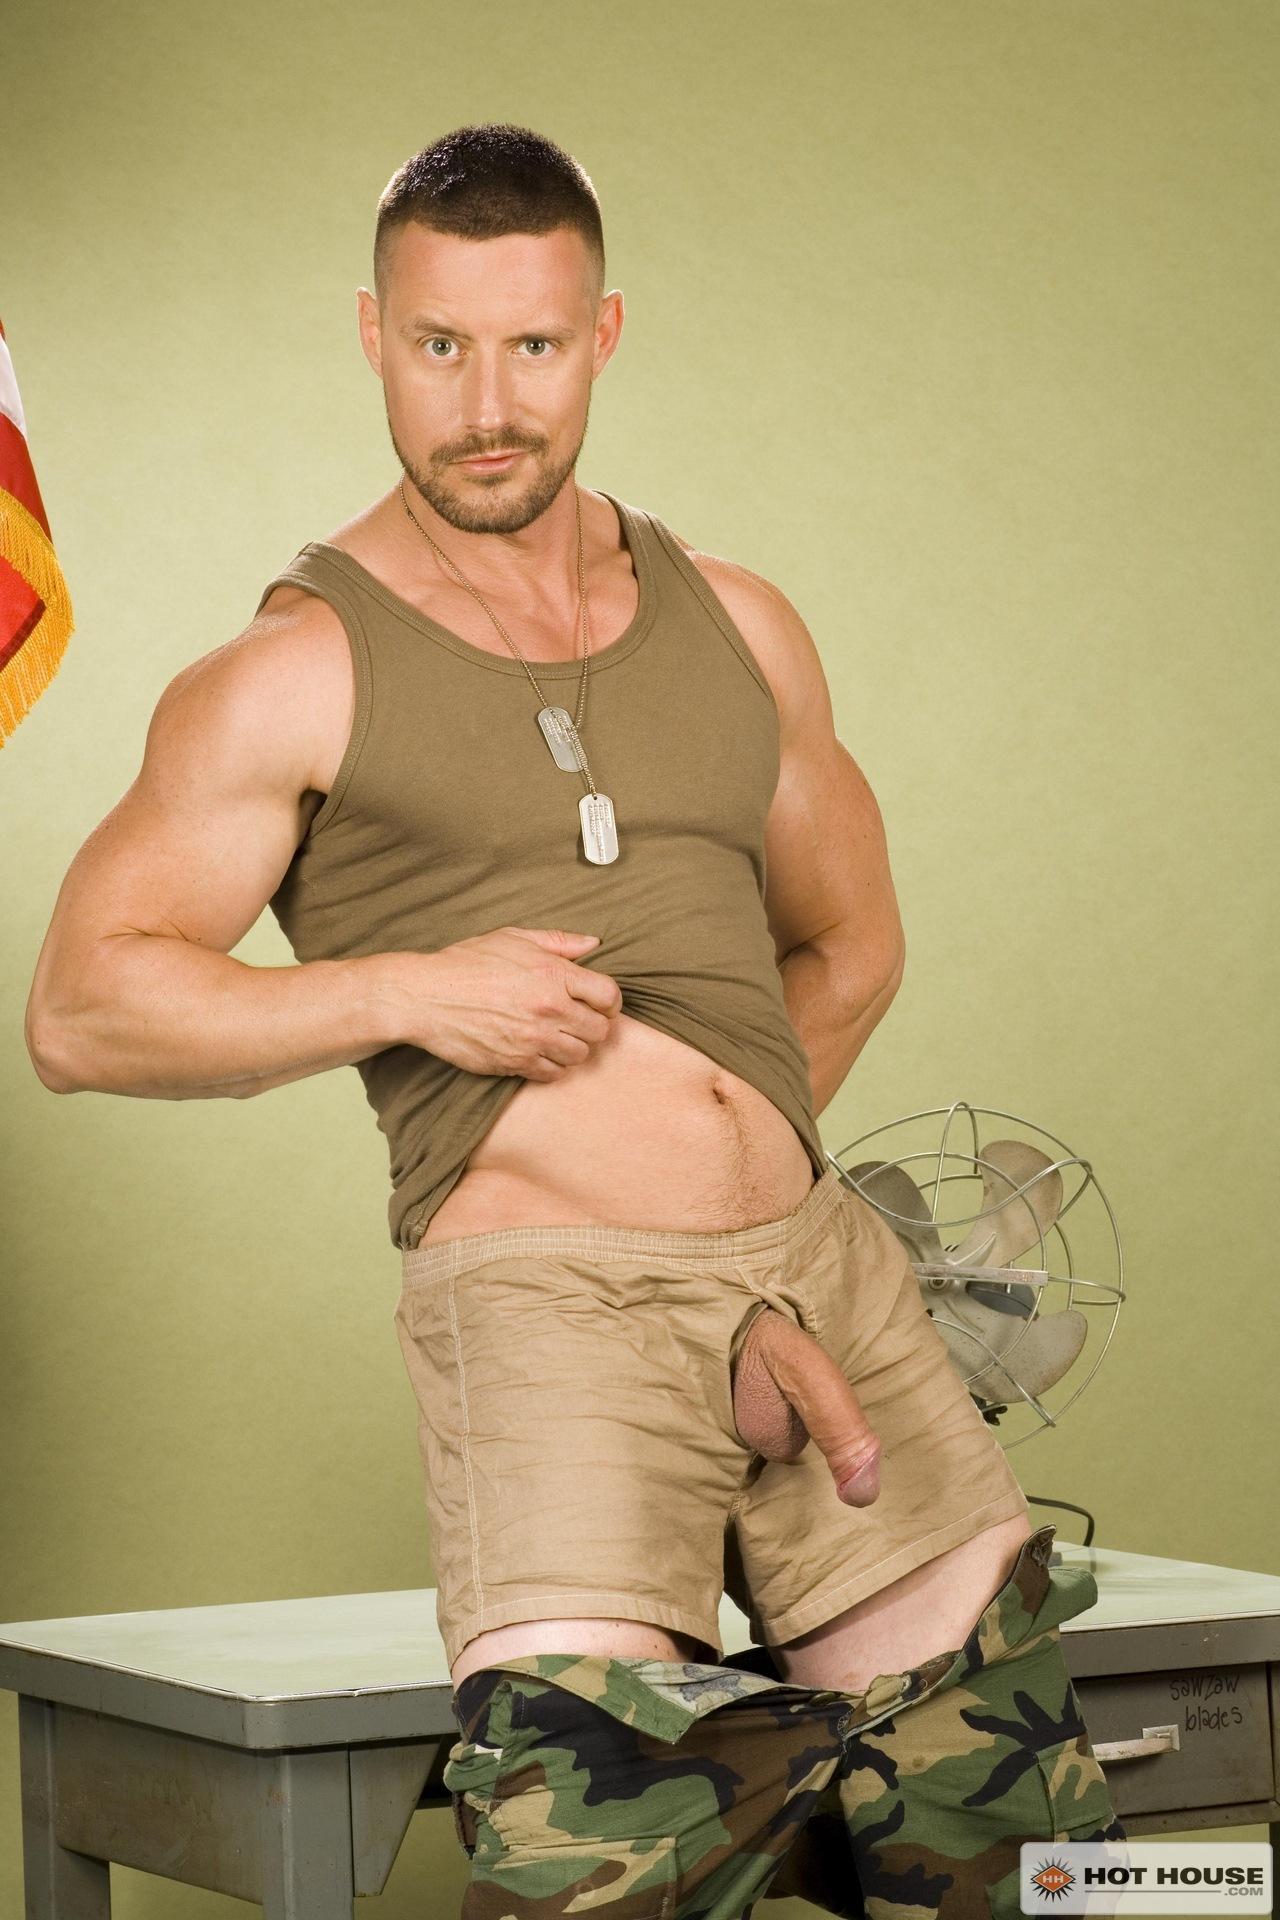 alito gay right samuel